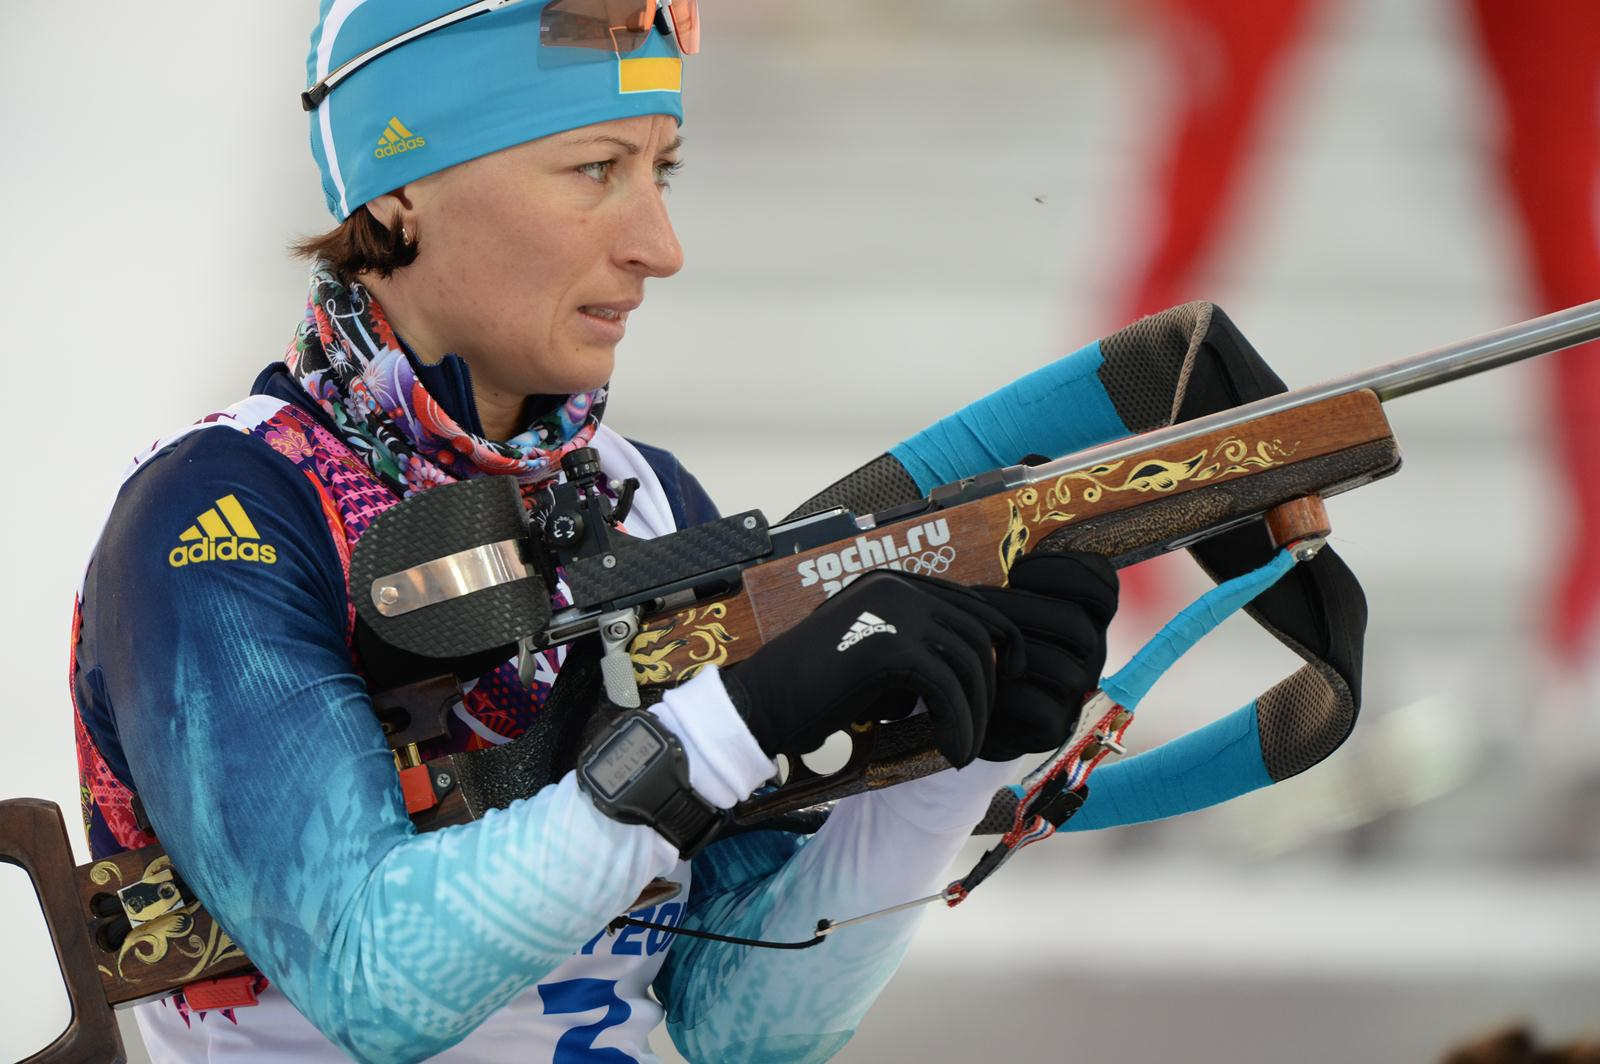 У украинки забрали олимпийскую медаль